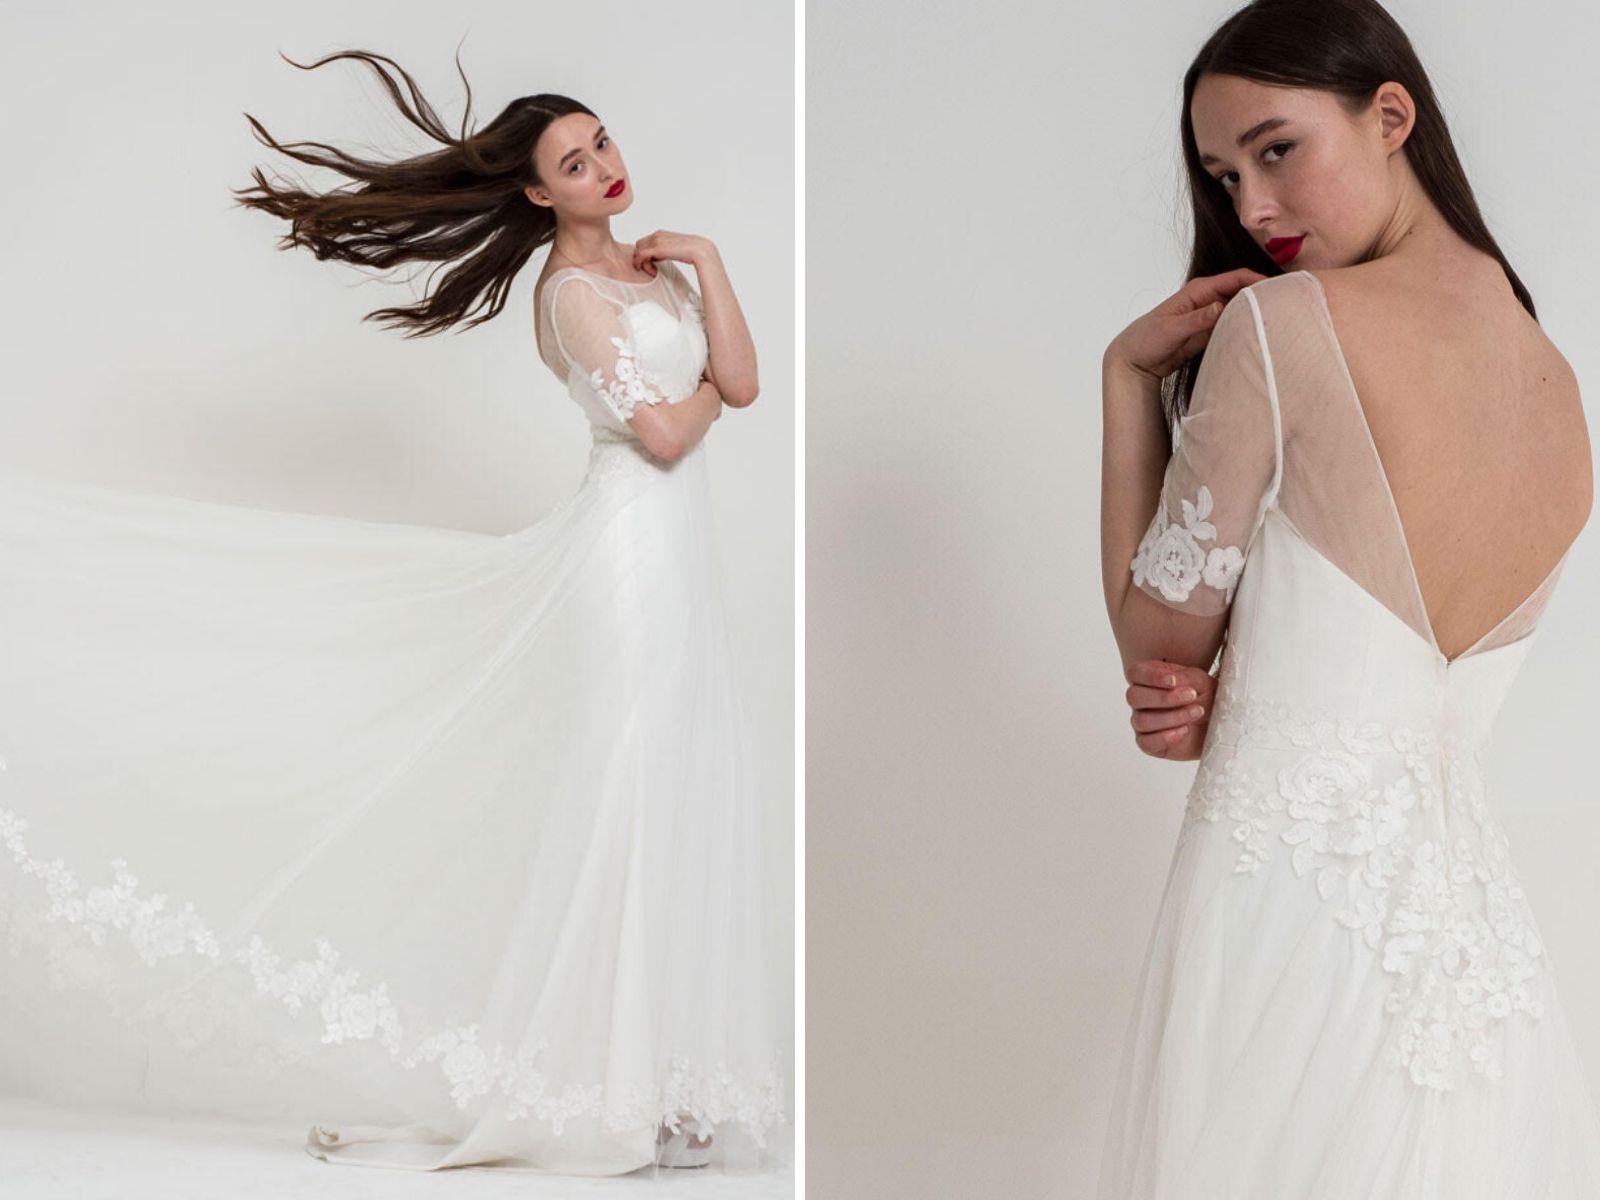 Statement wedding dress by Freda Bennet